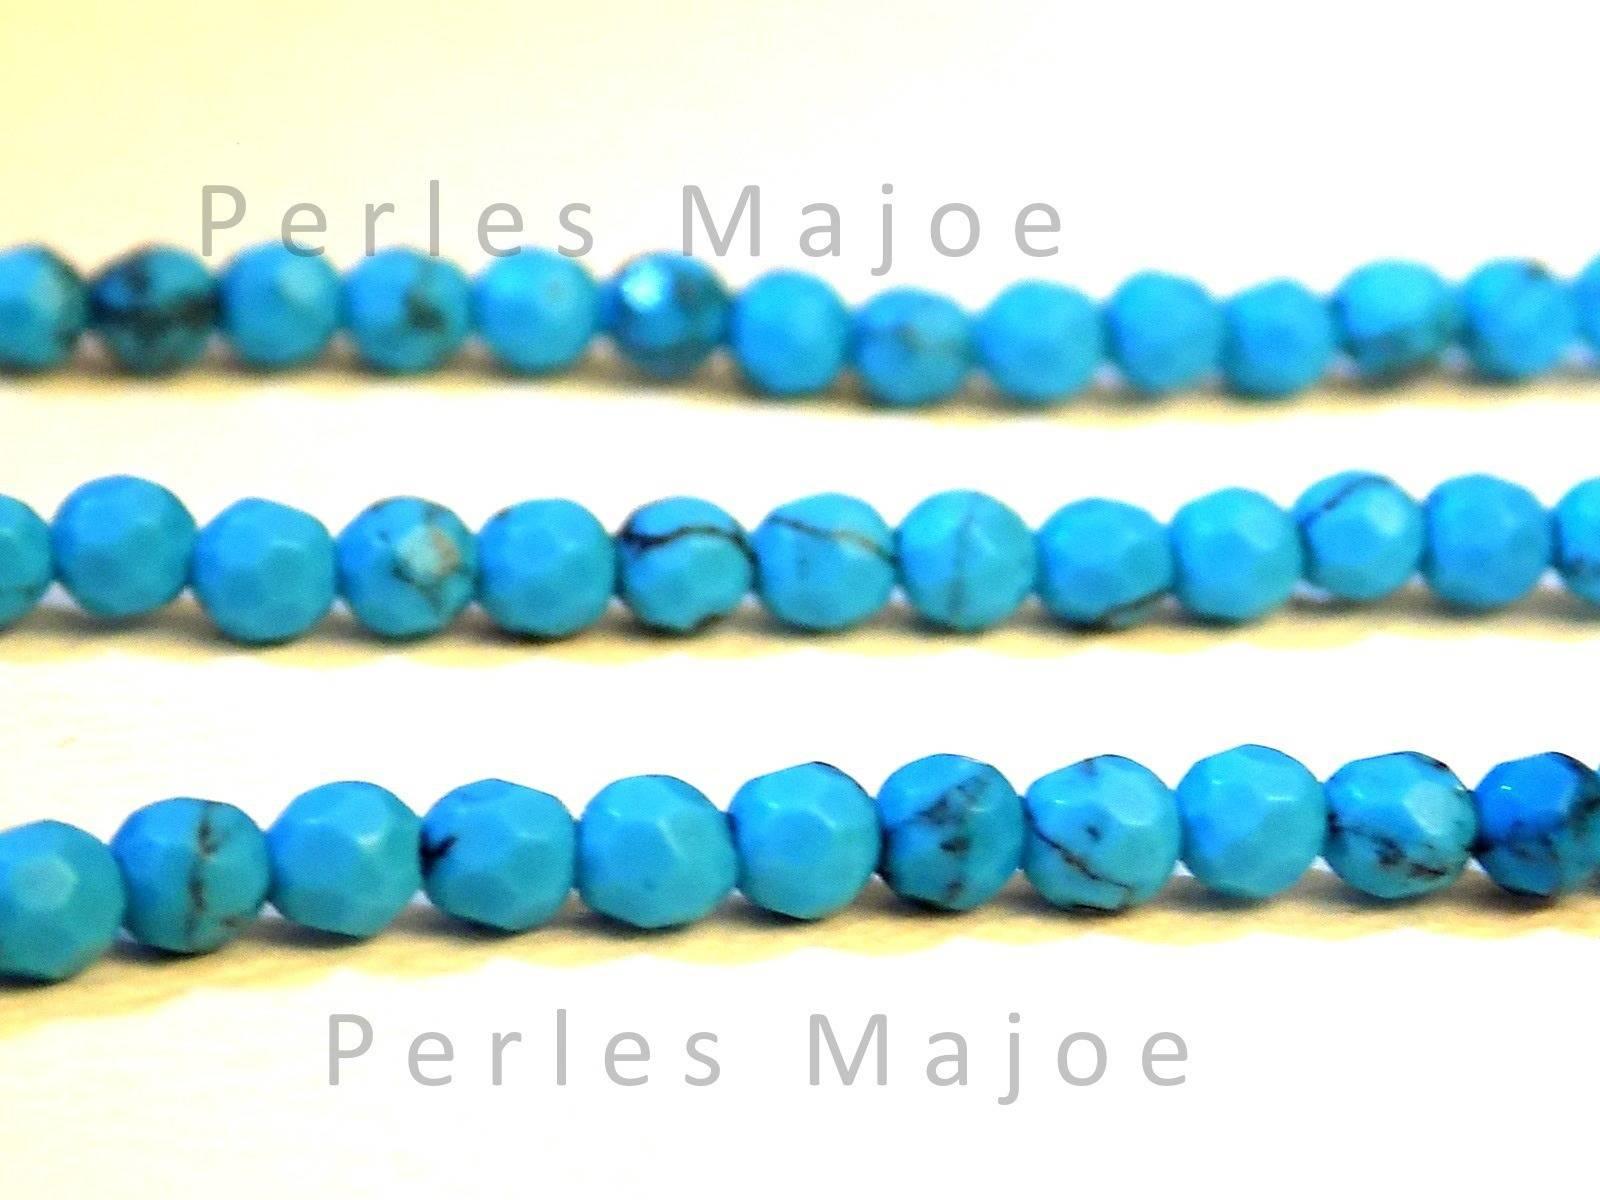 40 perles en turquoise facettées dimensions 4 x 3.5 mm